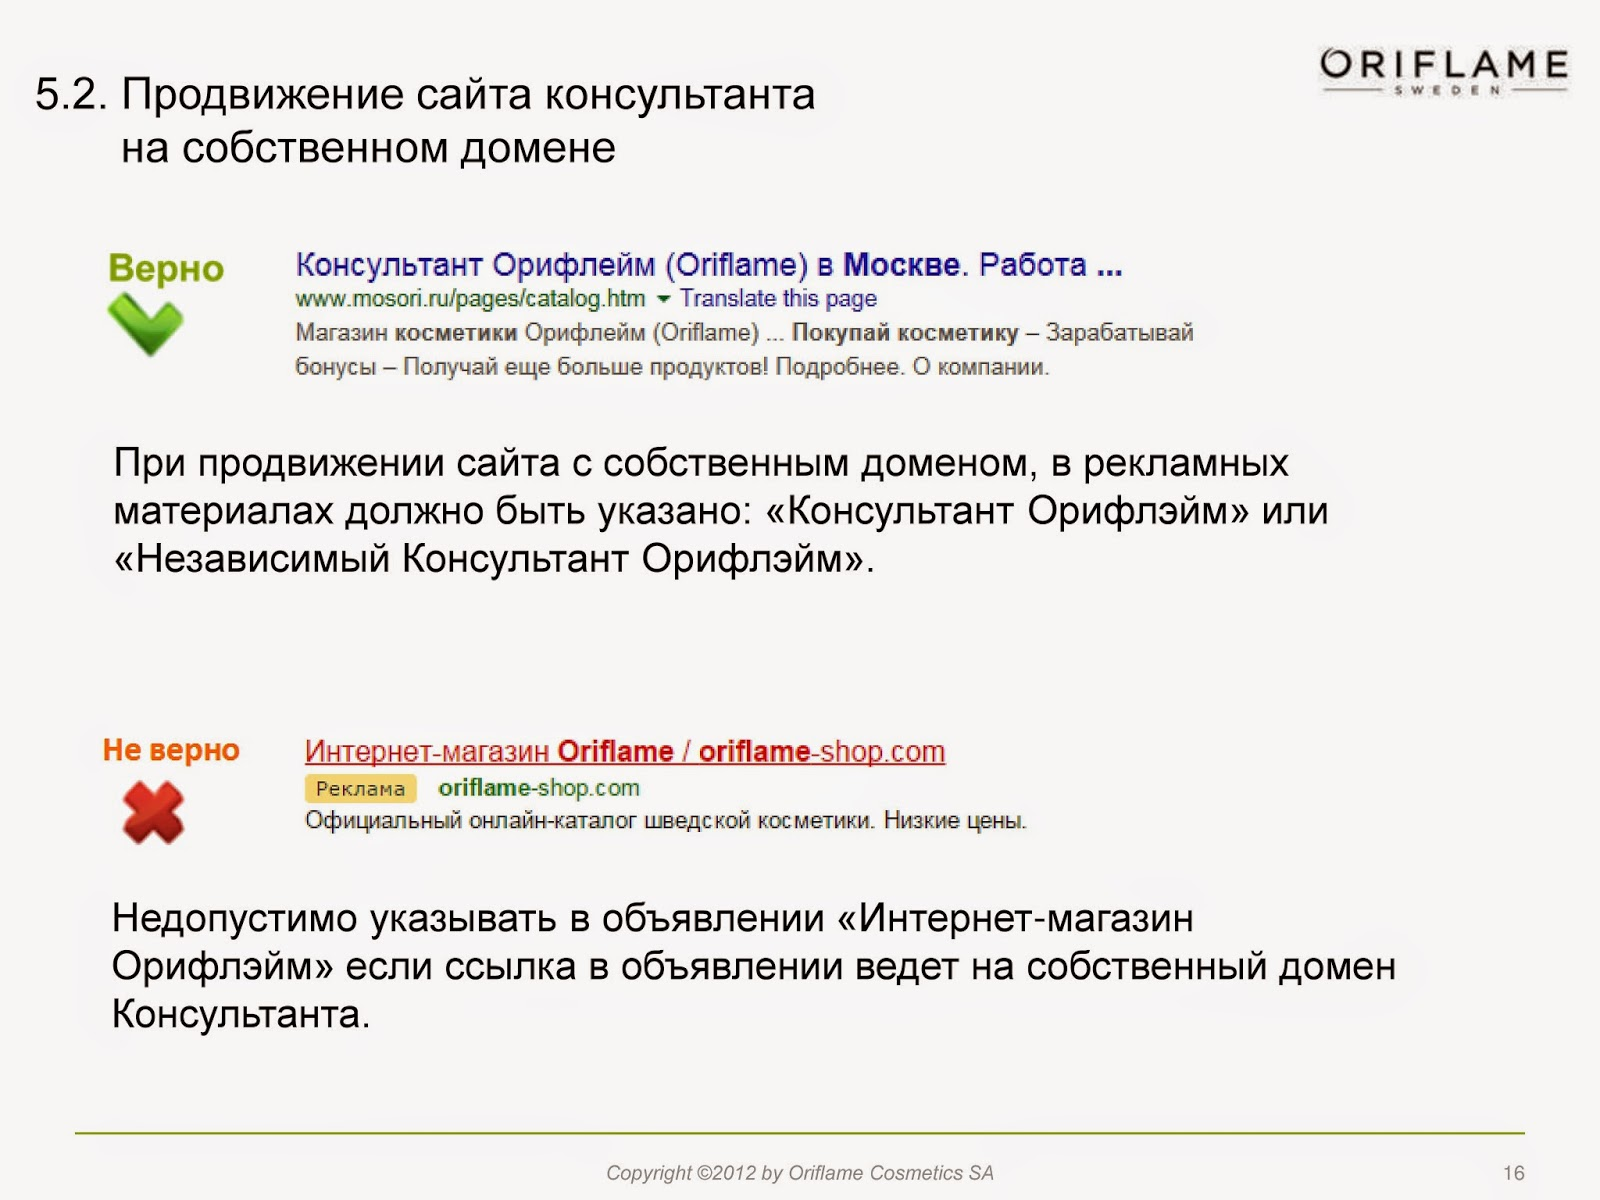 Продвижение сайта Консультанта в сети Интернет